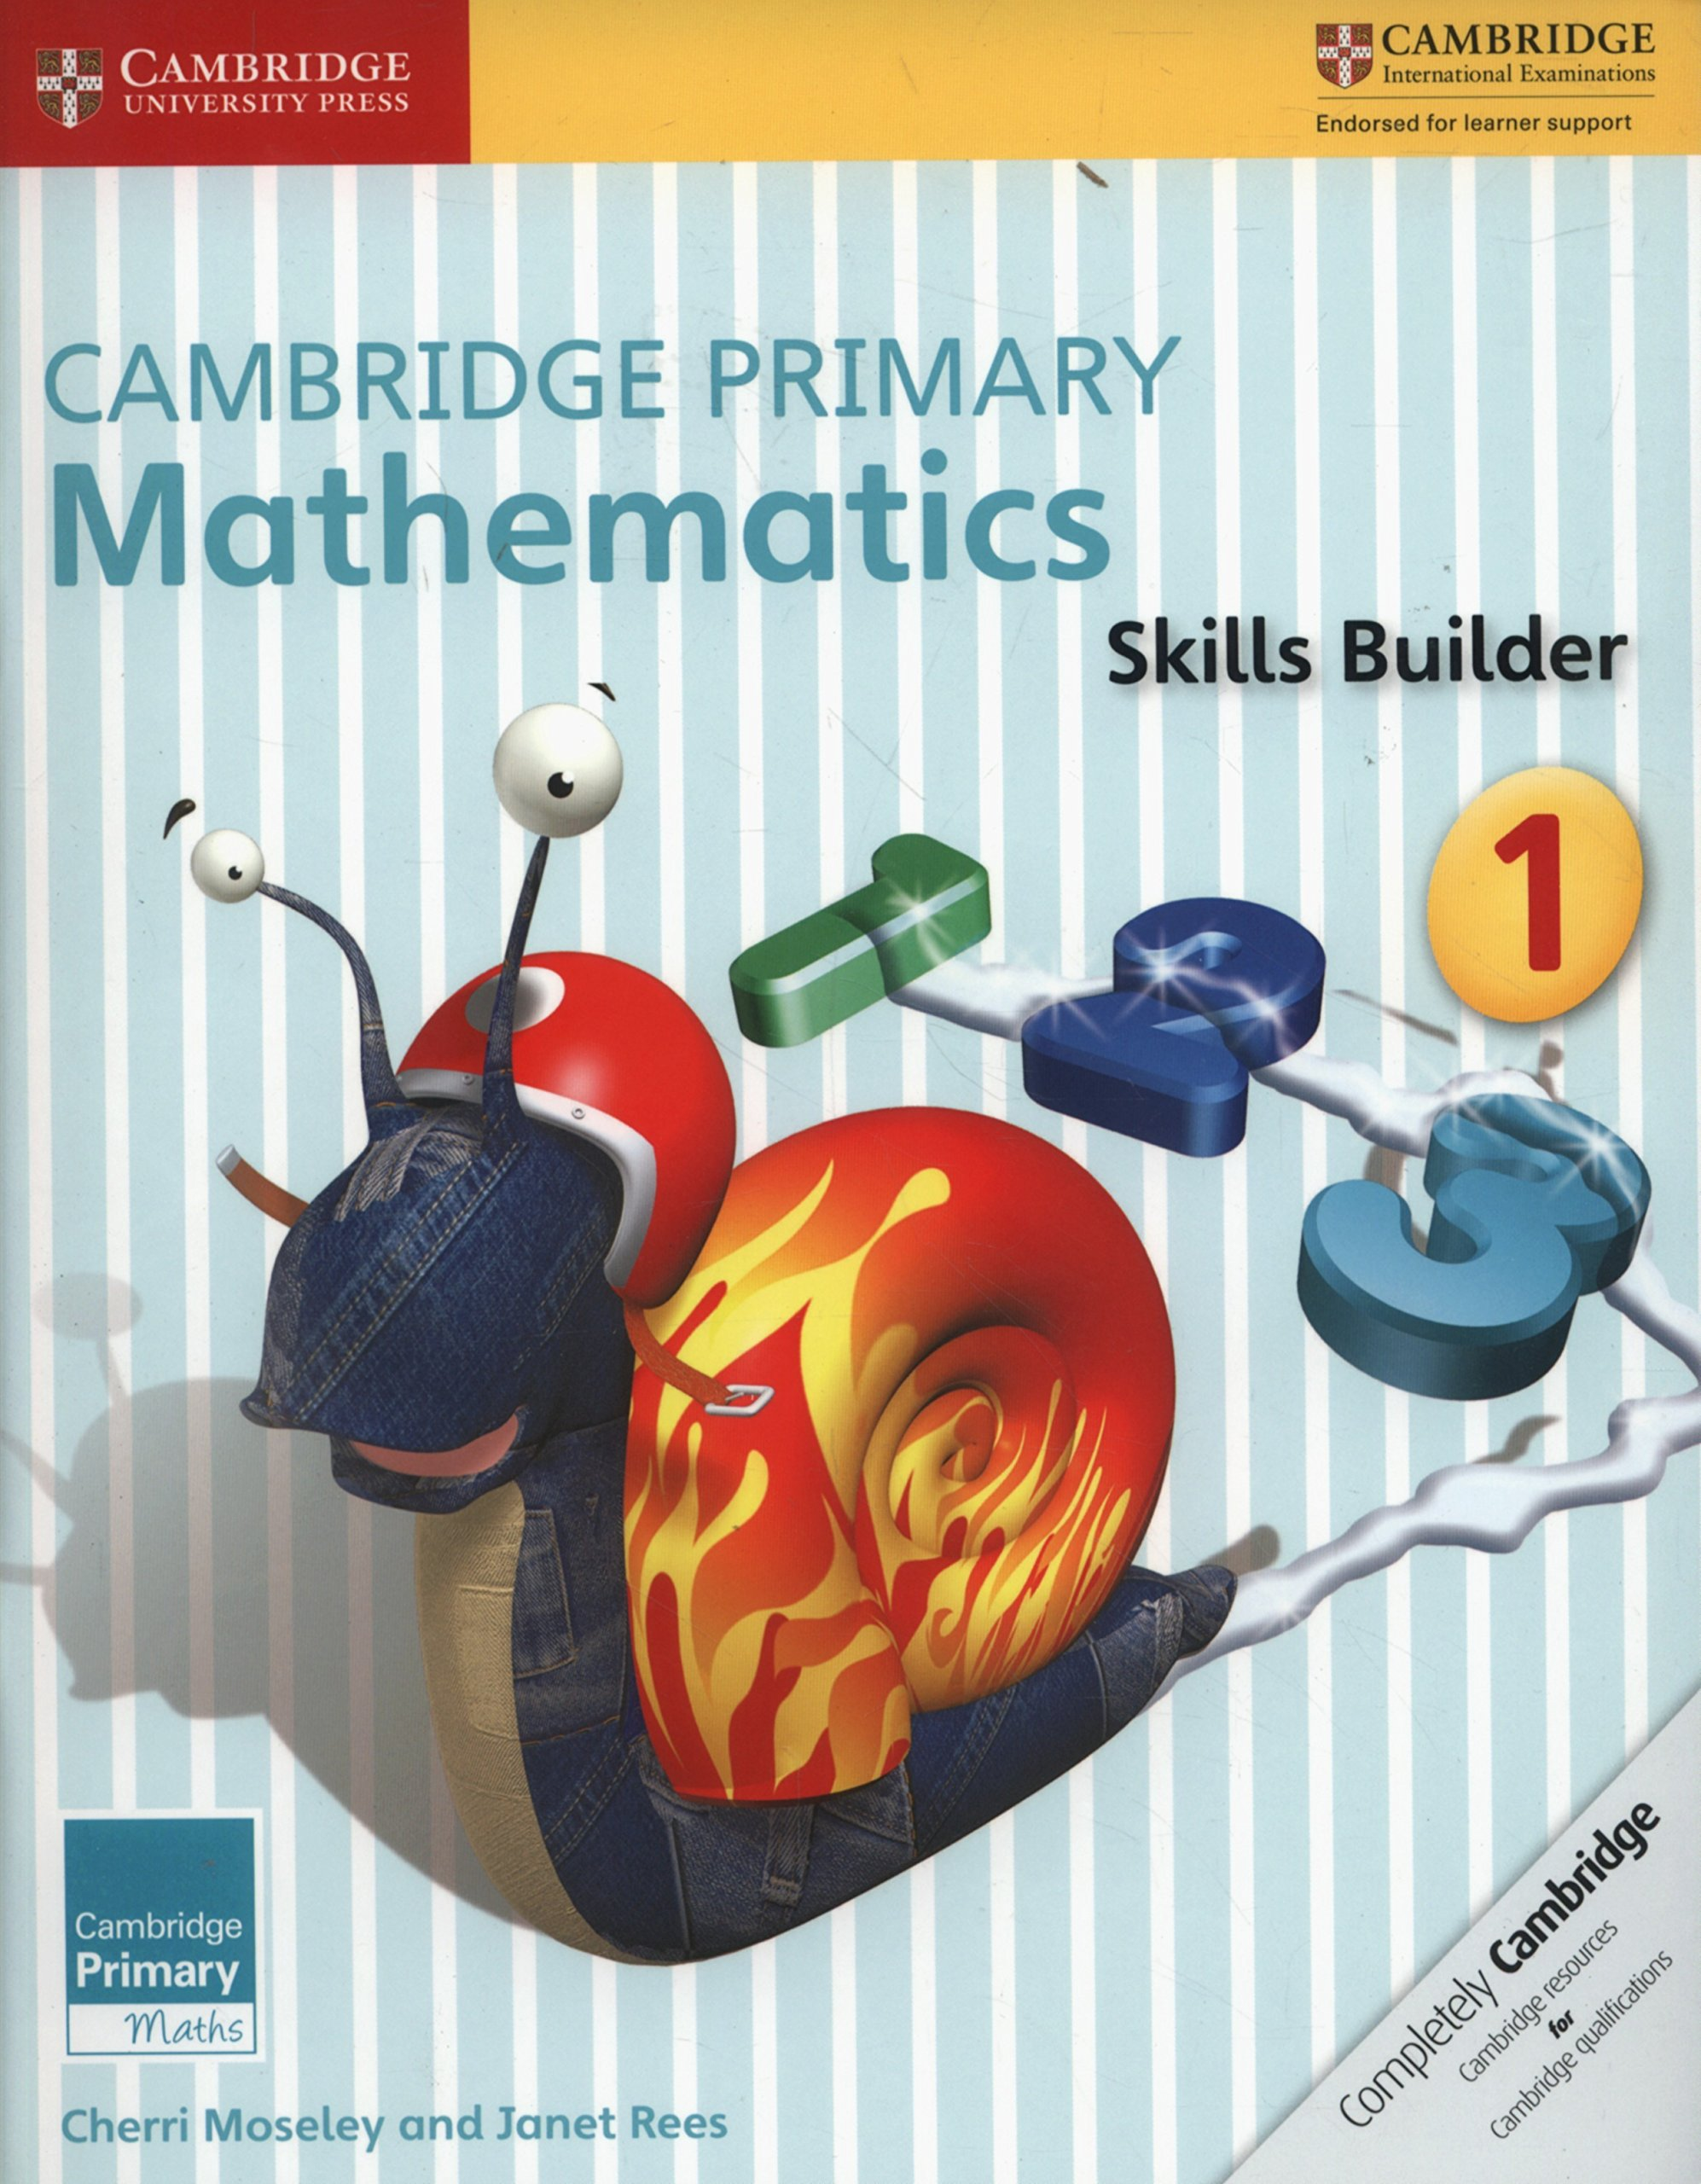 Cambridge Primary Mathematics Skills Builder 1 (Cambridge Primary Maths) ebook